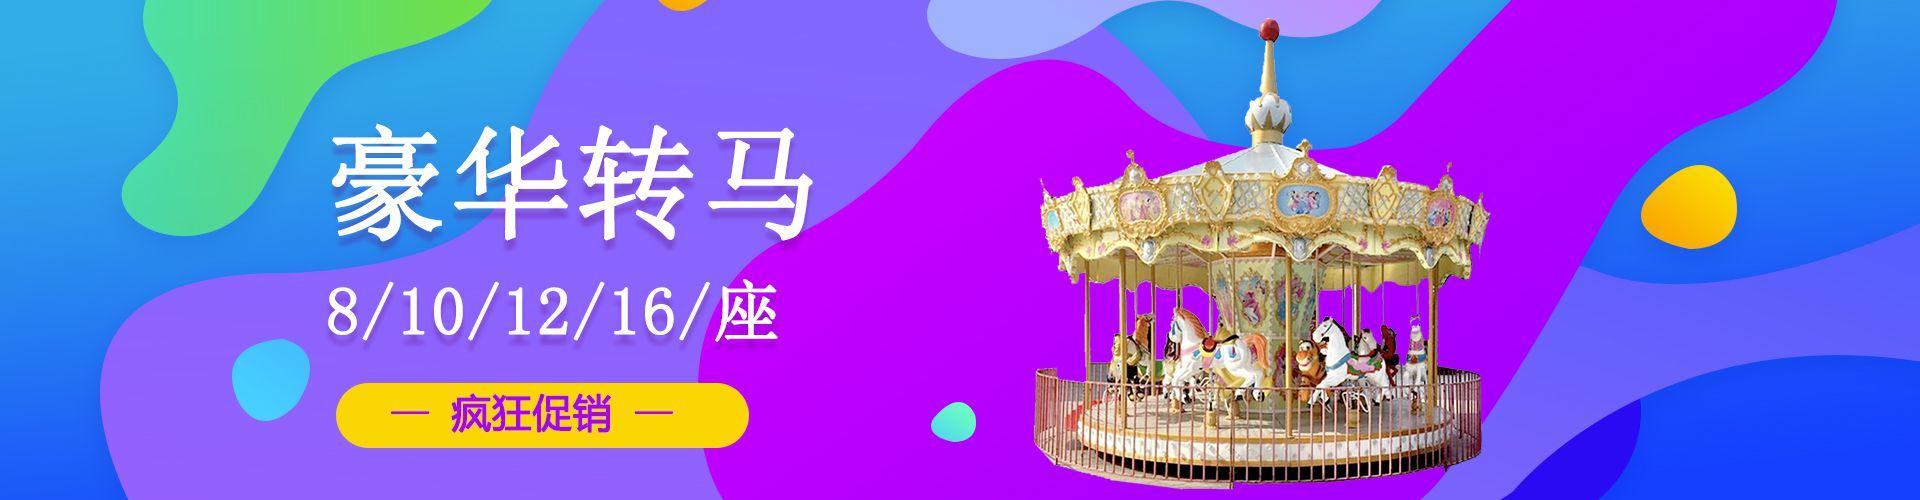 郑州旺福游乐设备有限公司